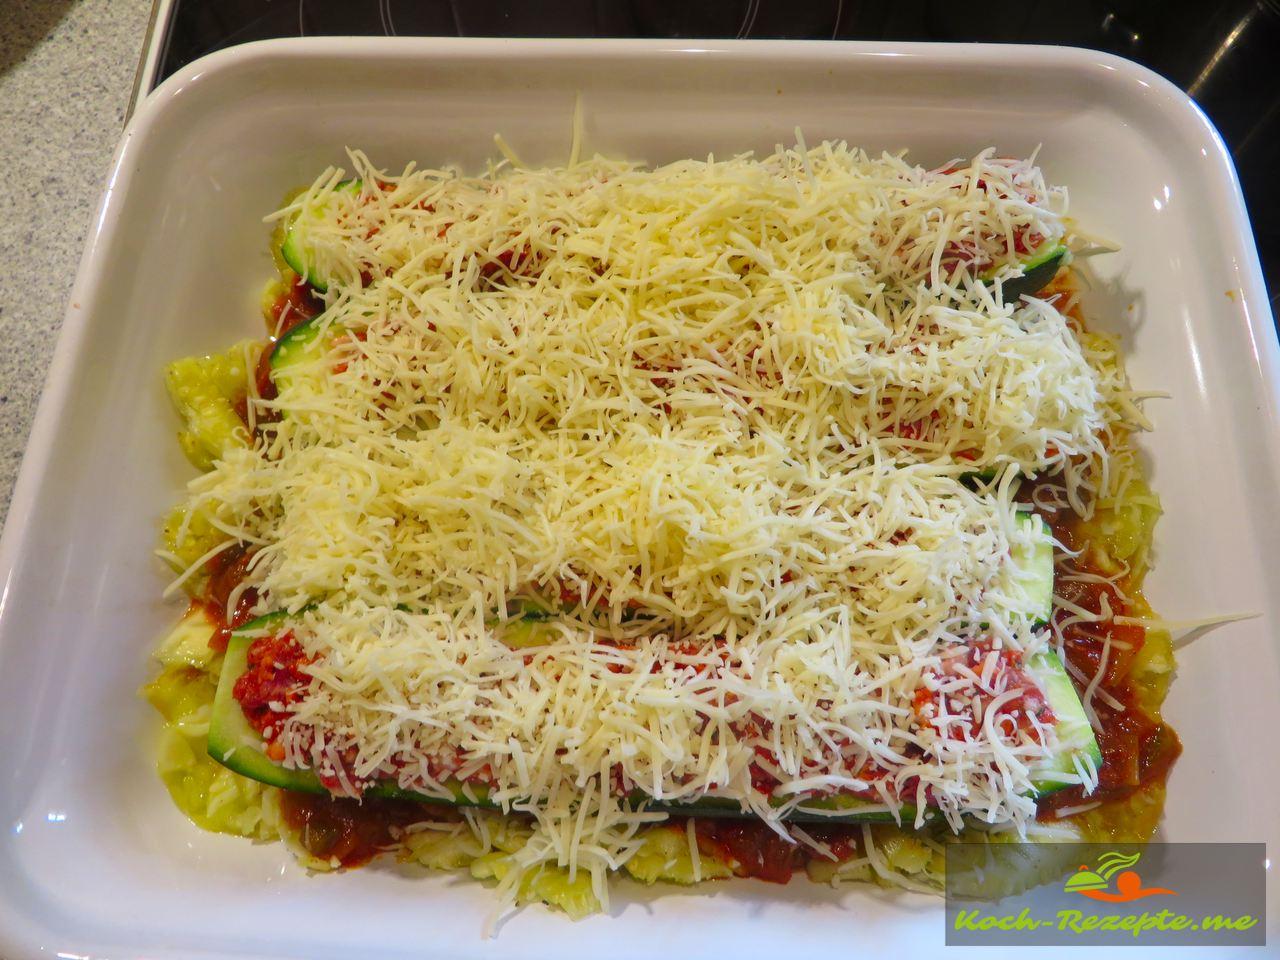 gefüllte Zucchini überbacken auf Paprikagemüse, Rezept mit französischer Bratwurst. mit Käse überbacken